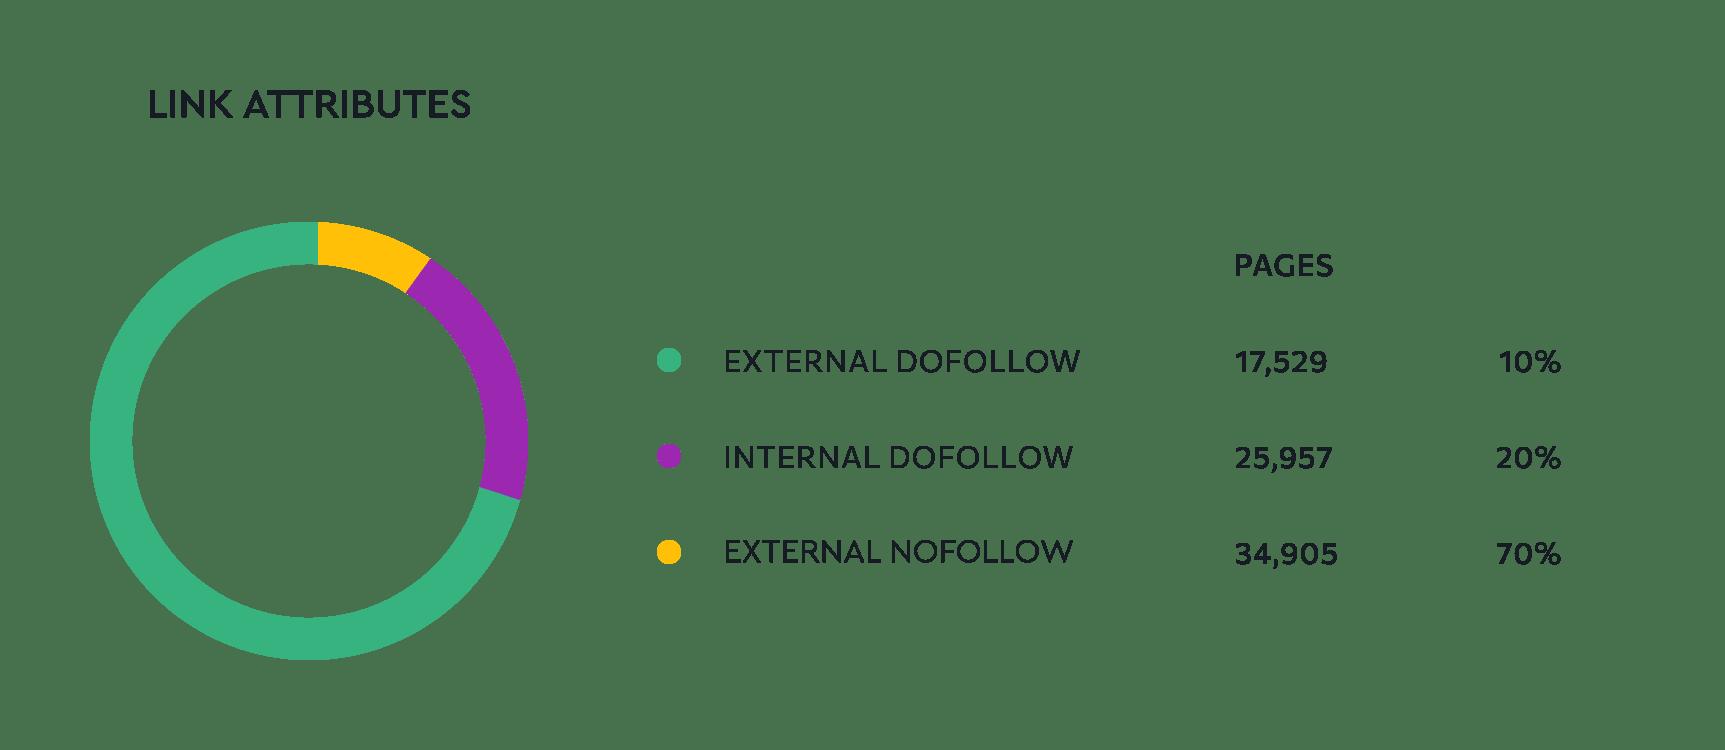 La distribution des attributs de lien